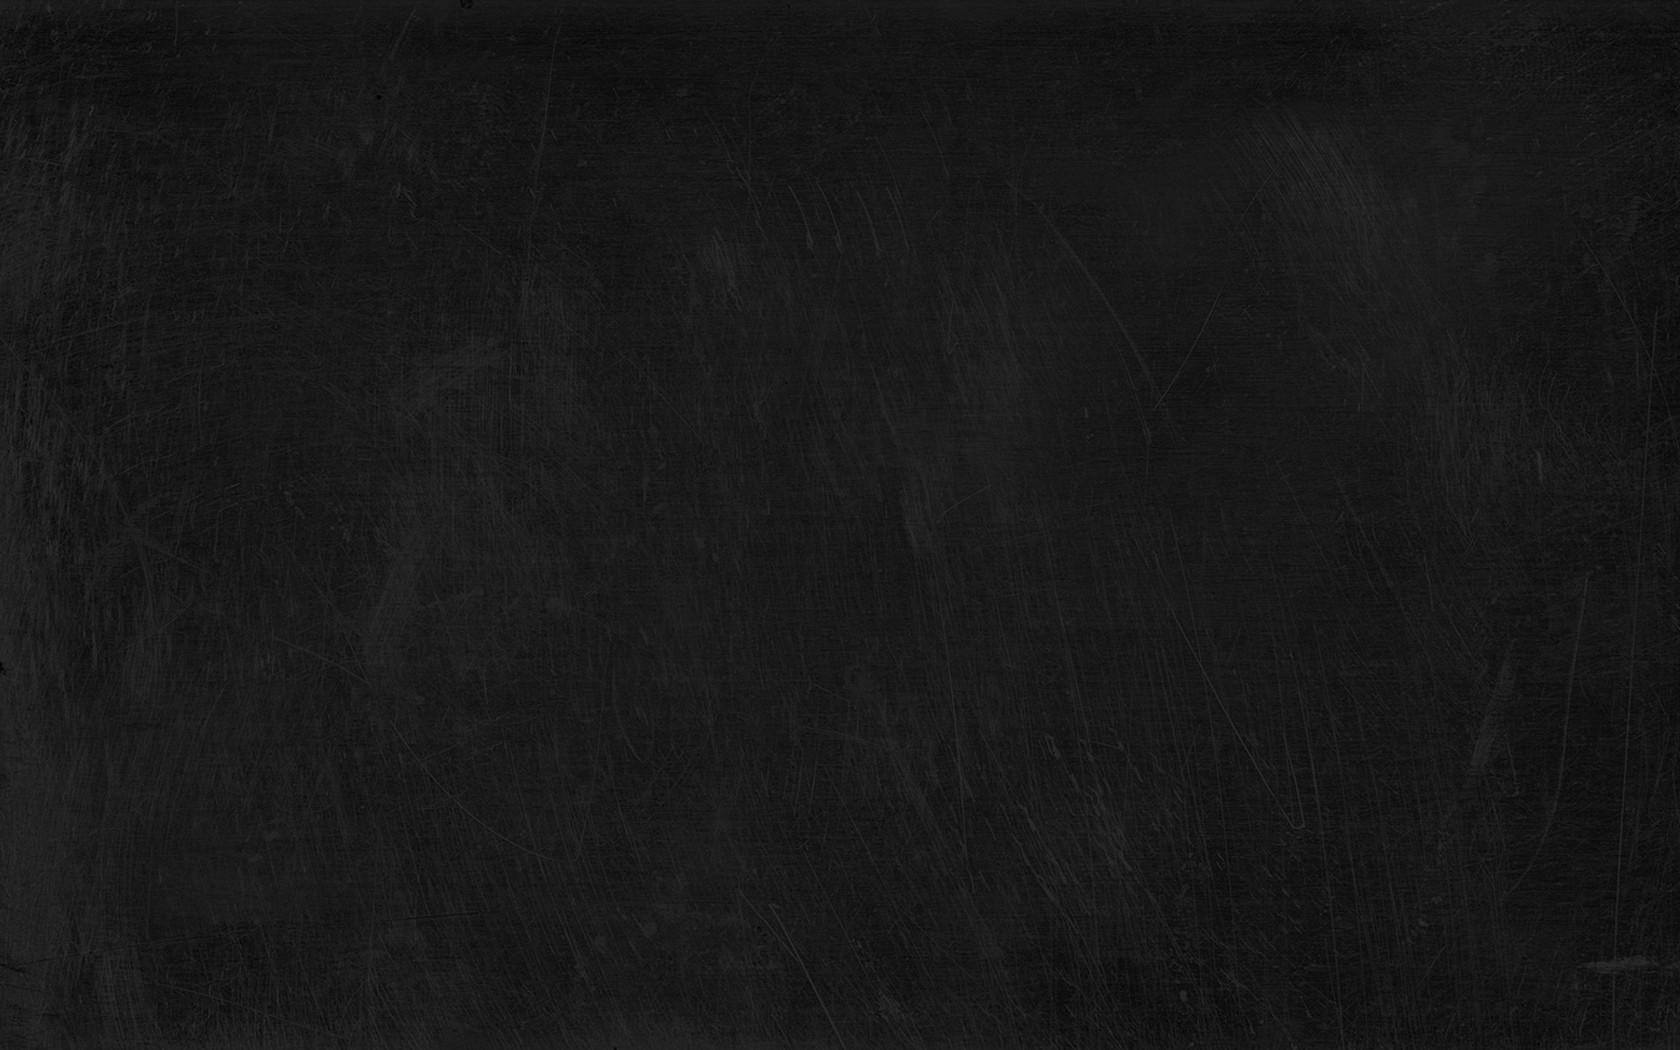 Fond D Ecran Monochrome Bois Tableau Noir Texture Materiel Ligne Obscurite Noir Et Blanc Photographie Monochrome Parquet Revetement De Sol Stratifie 1680x1050 Arg81 225653 Fond D Ecran Wallhere